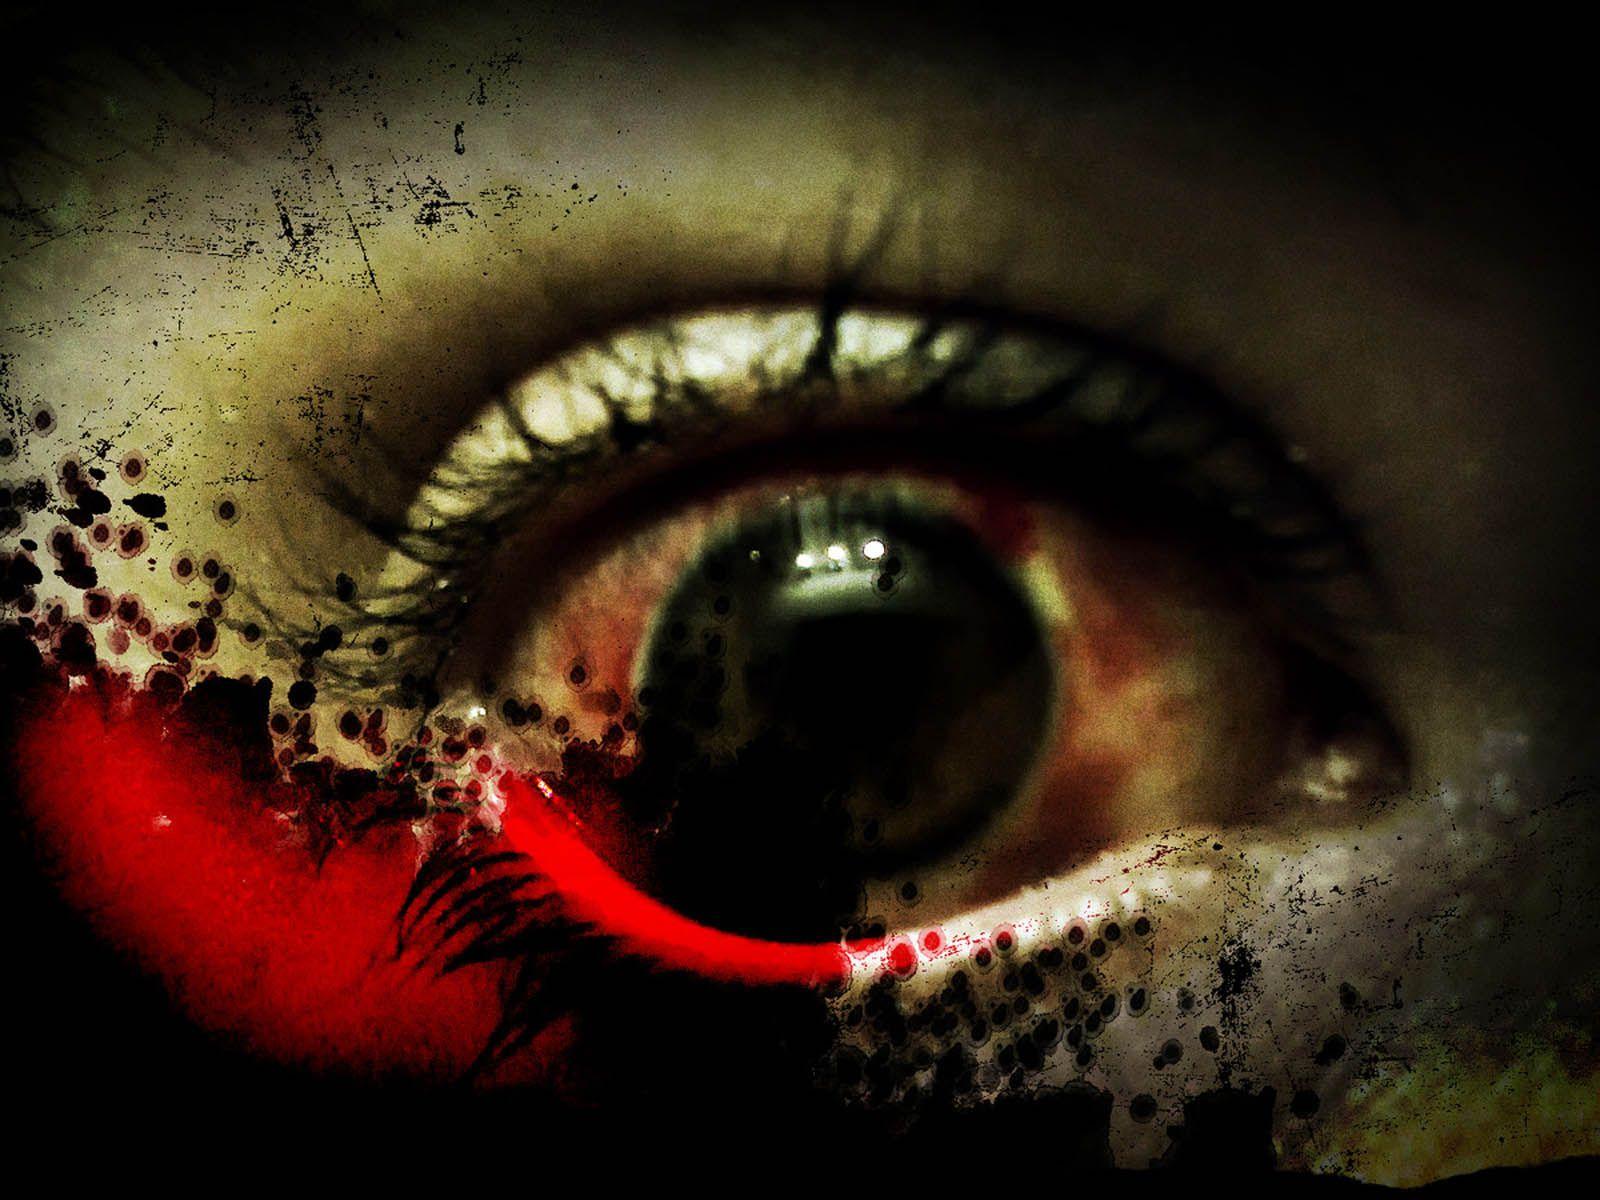 Images Of Horror Eyeballs The Horror Eye Wallpapers Horror Eye